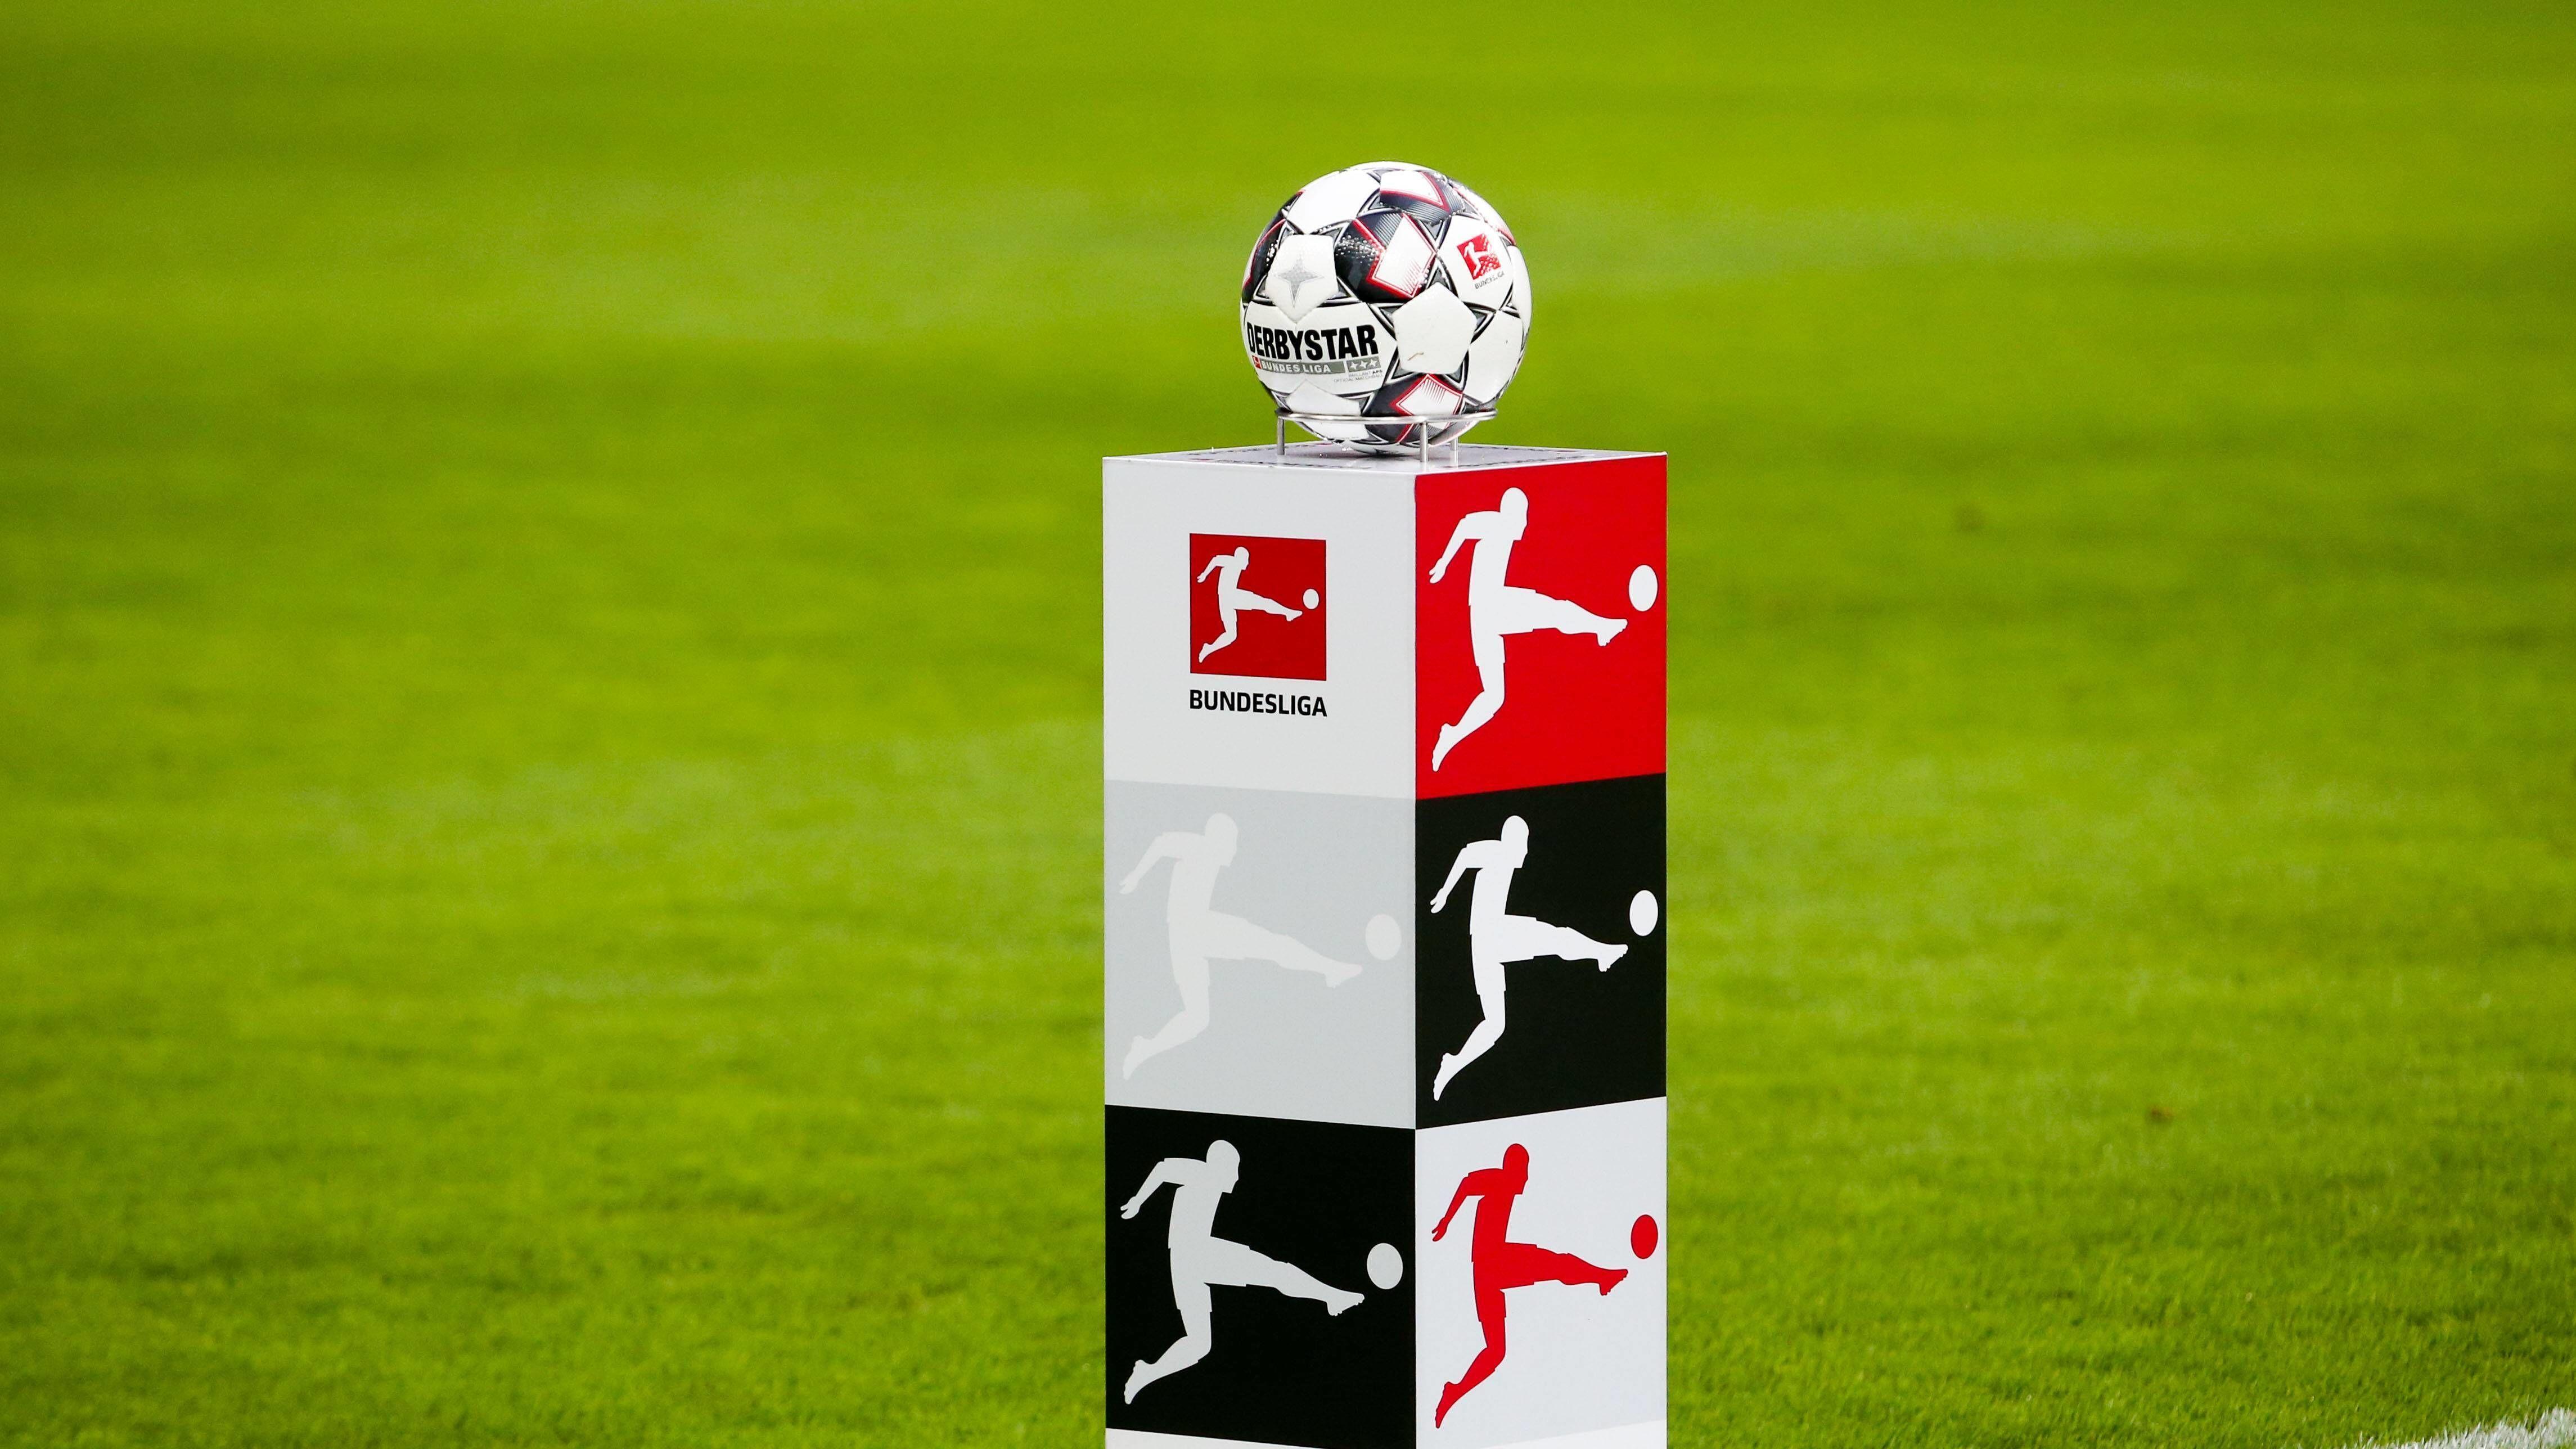 Kein Bundesliga-Spieler schaffte es in die Weltklasse.